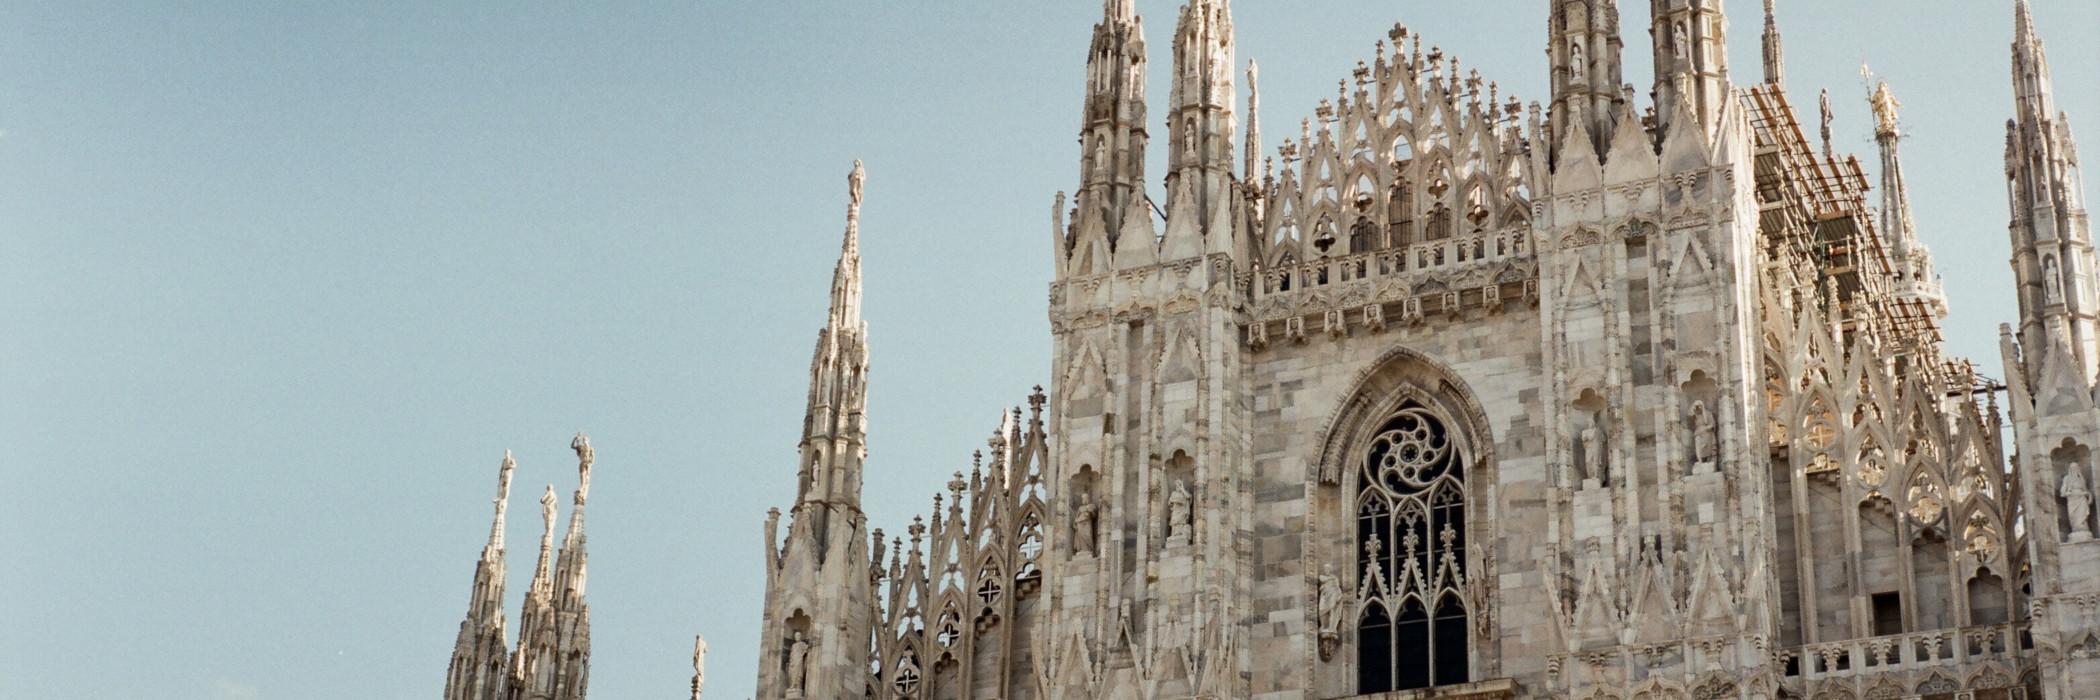 Titolo Milano 1 - alta